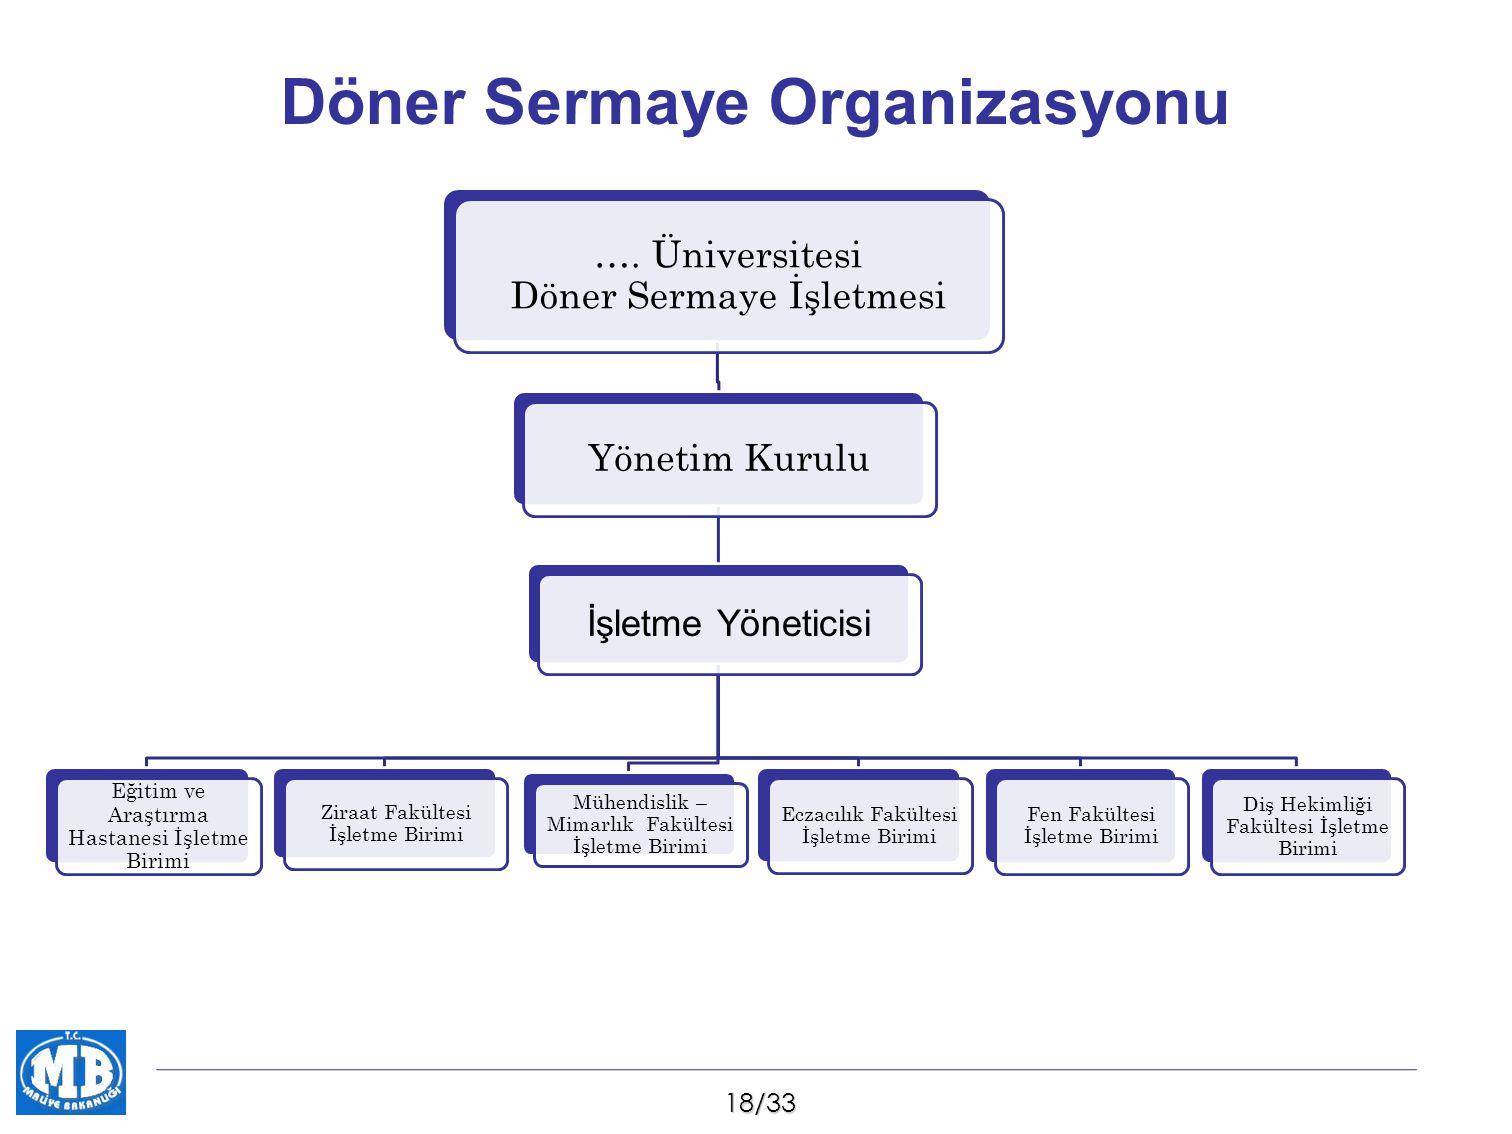 19/33 Yönetim Kurulu  Döner sermayeli işletmelerin yönetiminde yönetim kurulu sistemi getirildi.